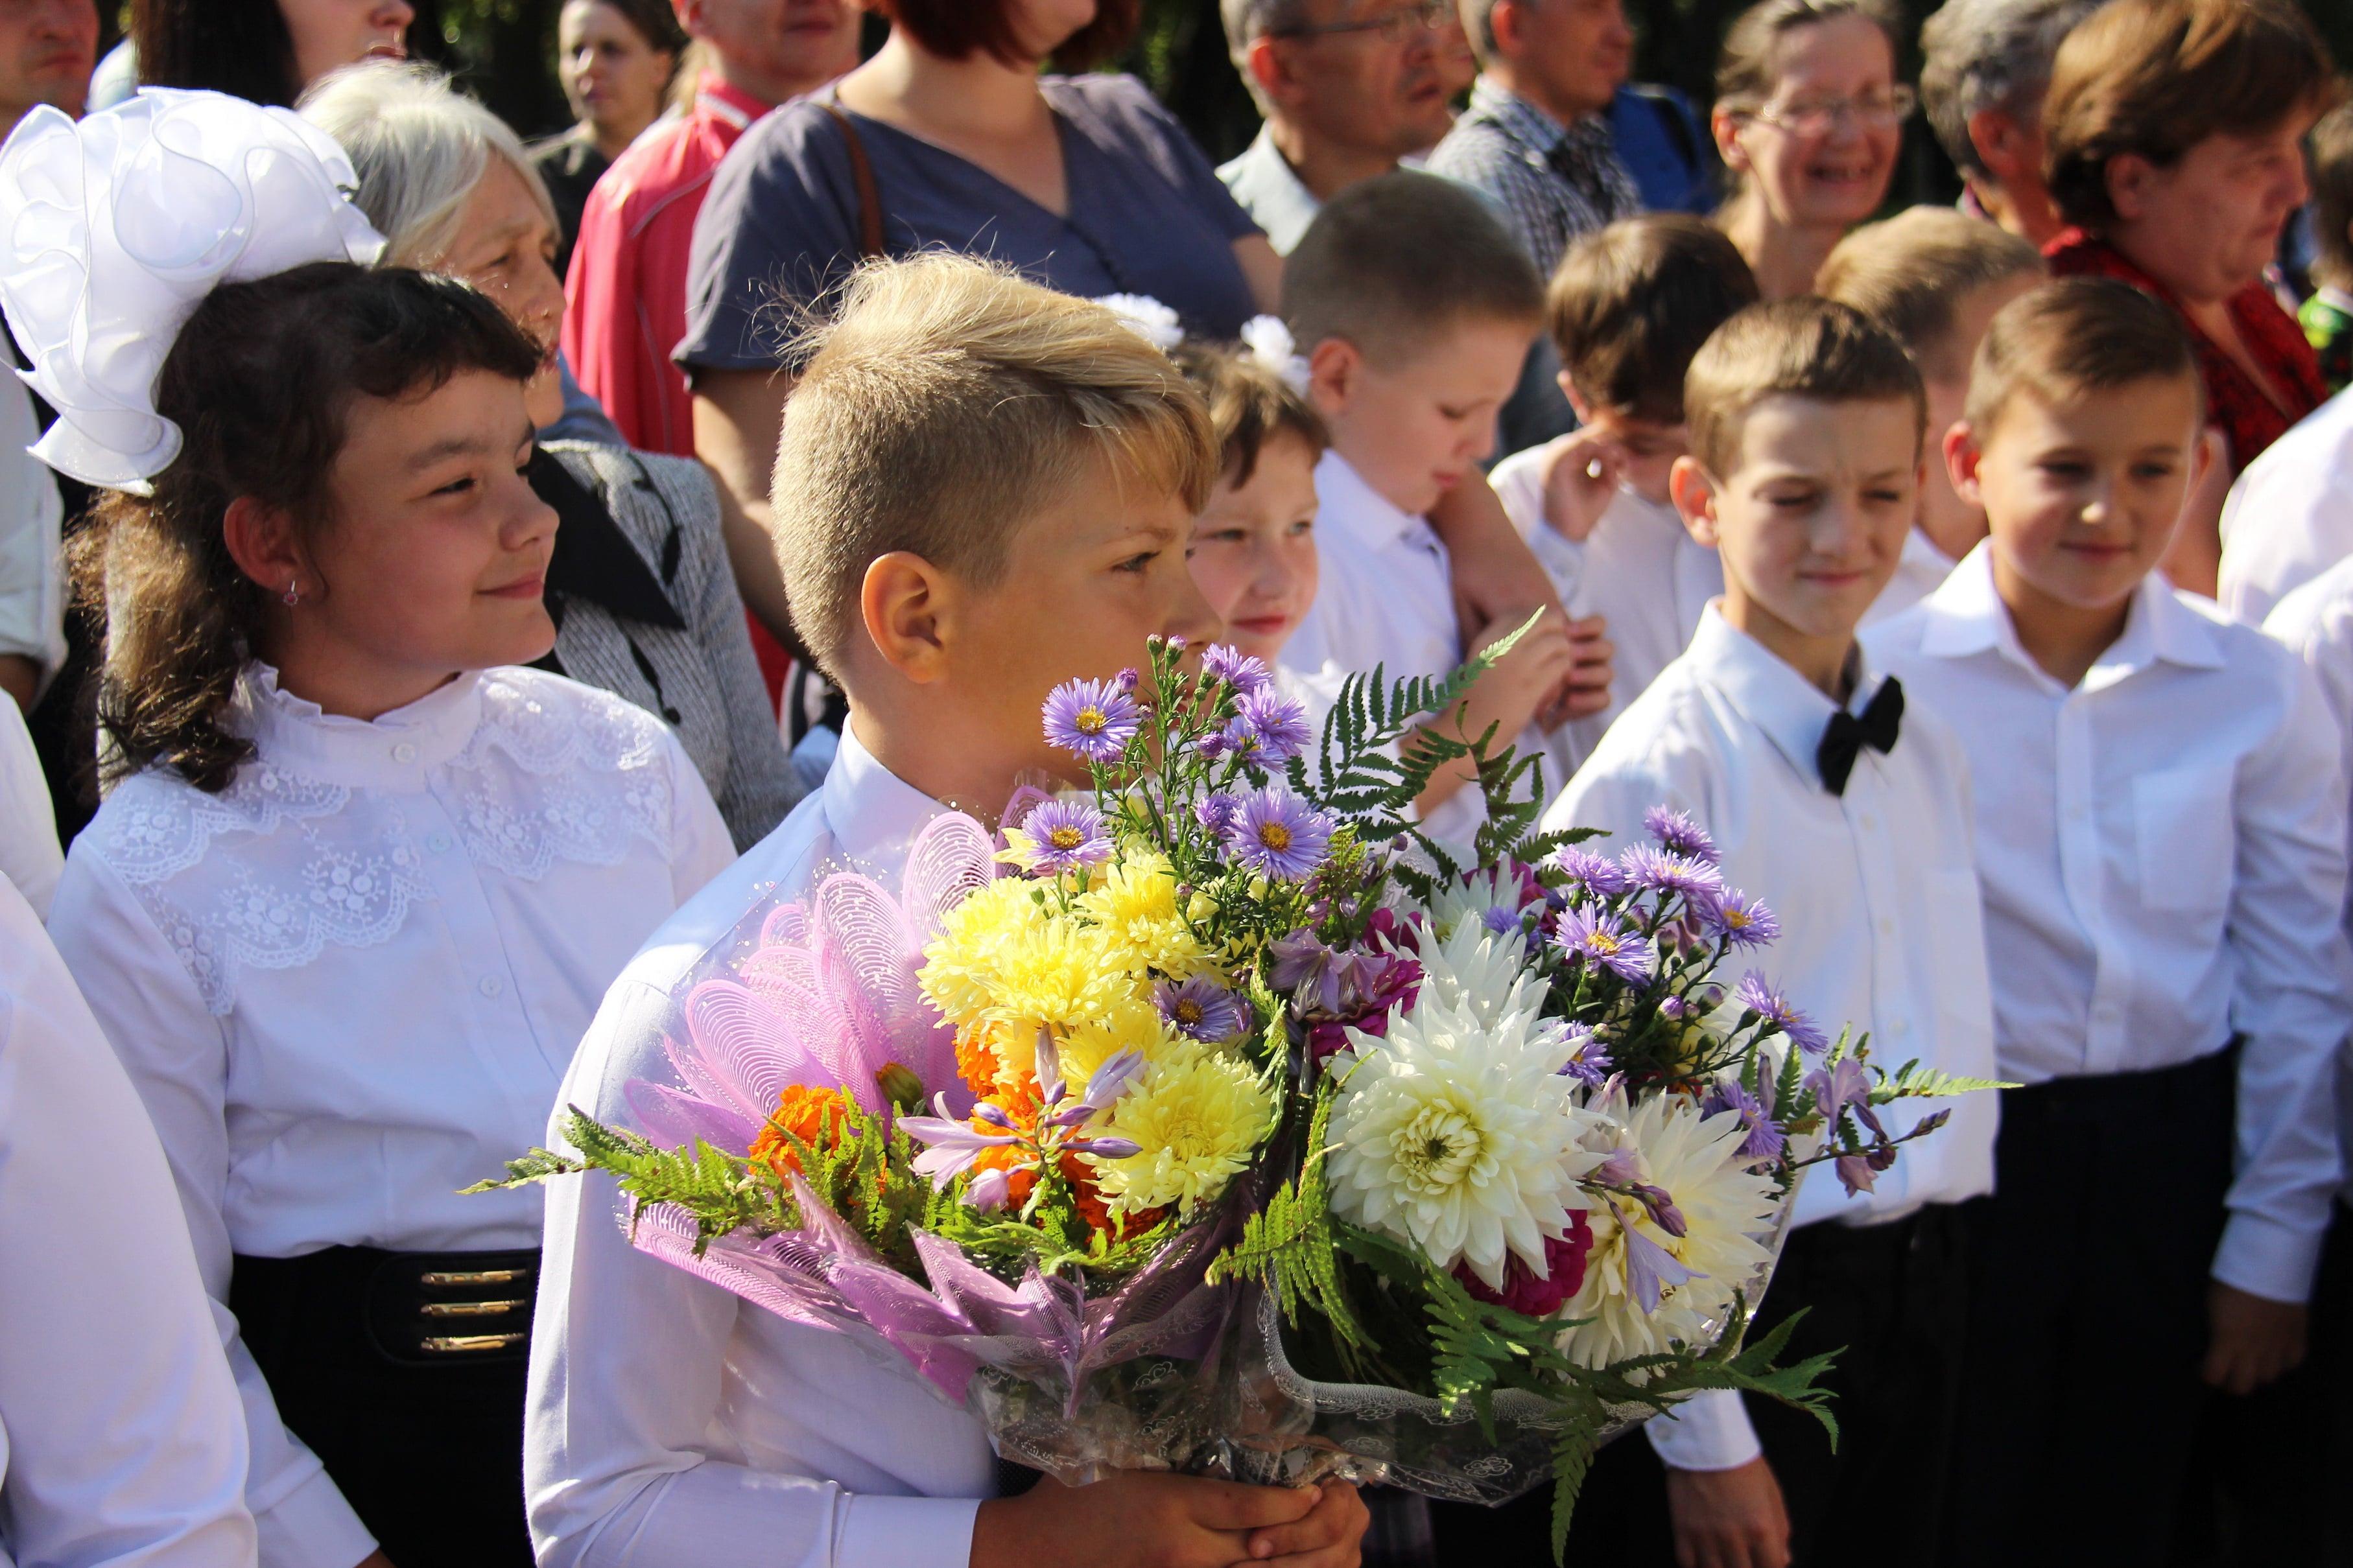 http://monuspen.ru/photoreports/2de2ea75f898f6c37c6a209fc6d91737.JPG